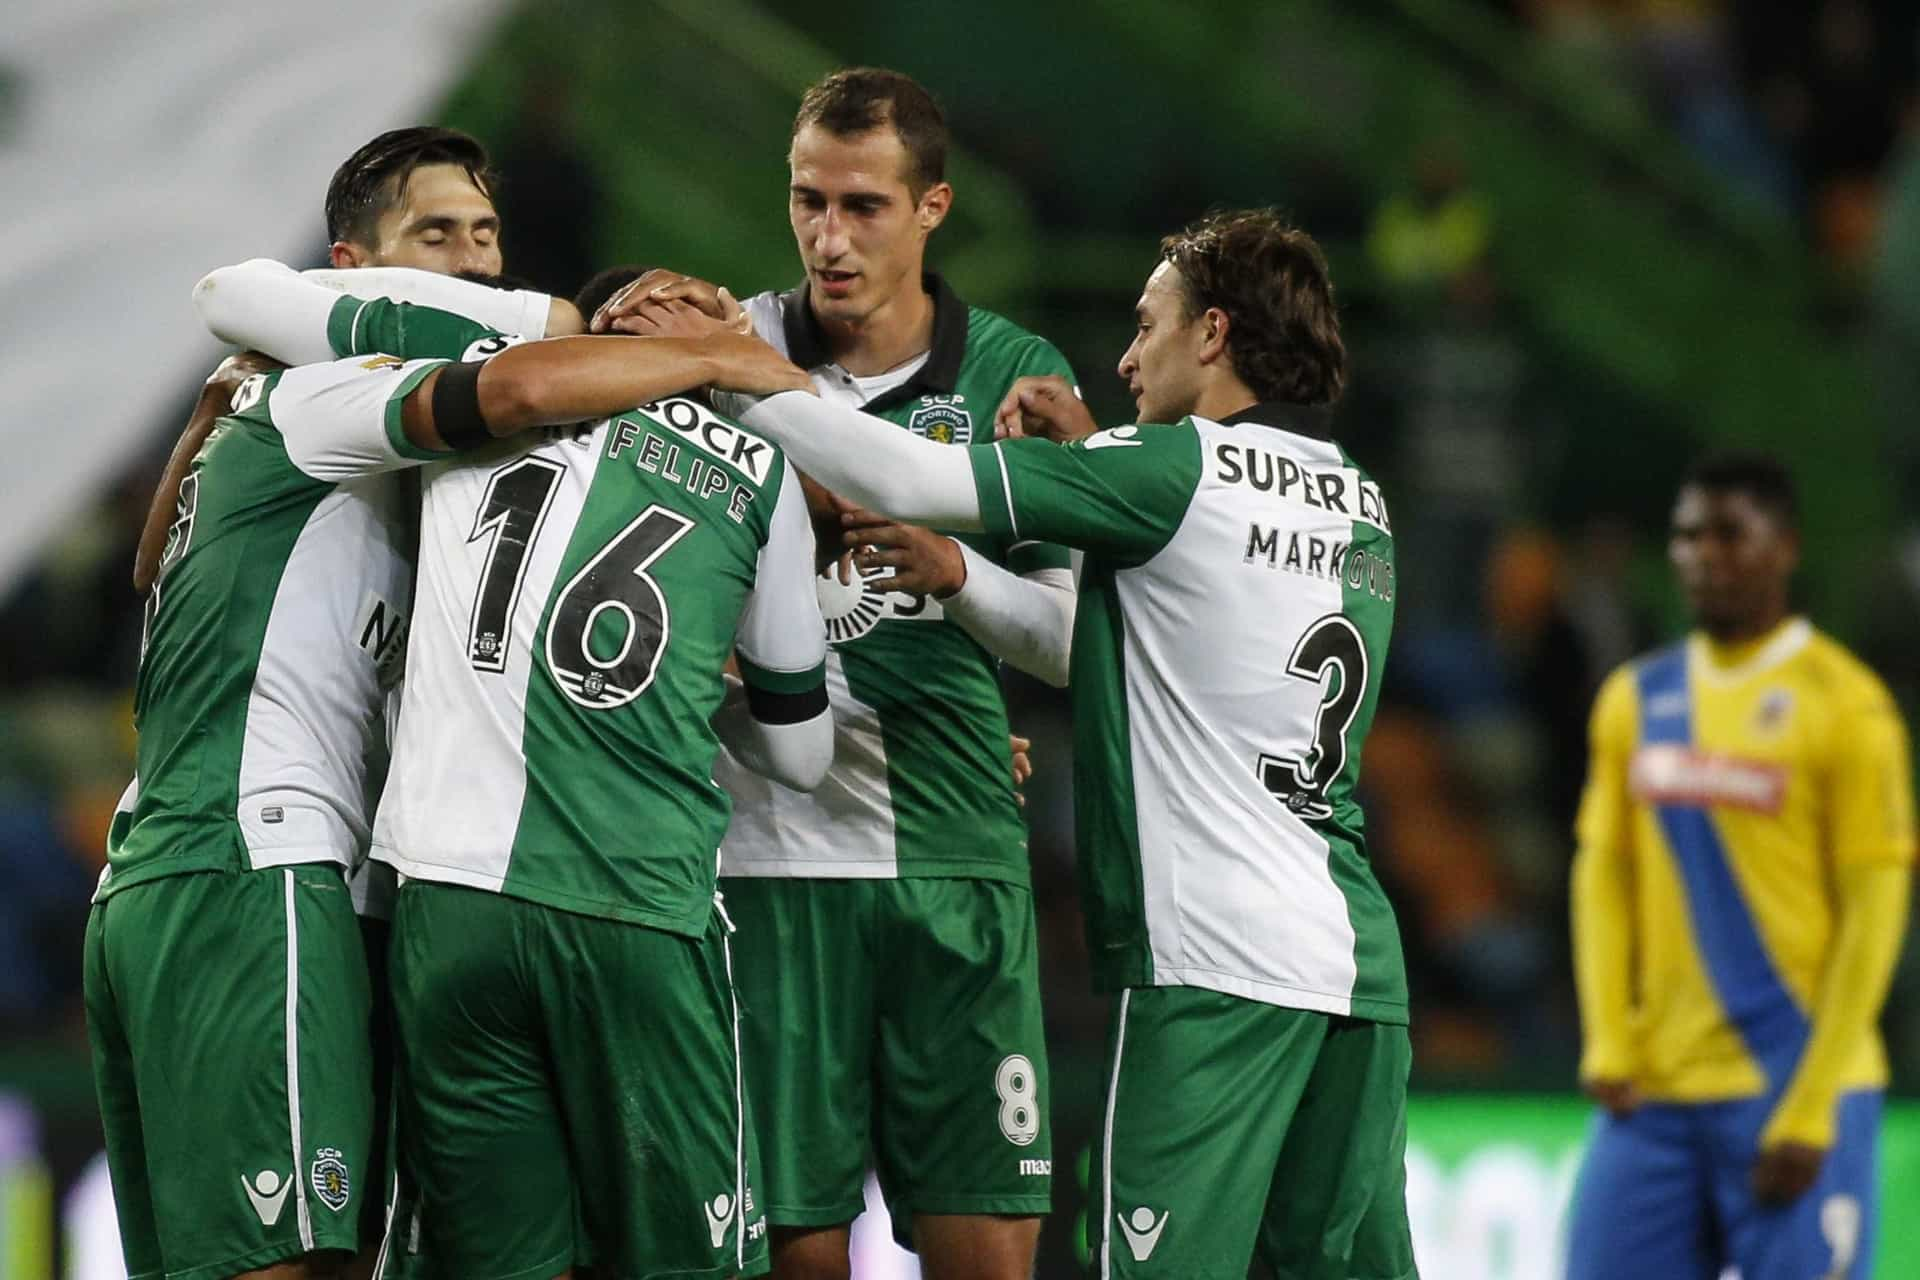 [1-0] 'Segunda linha' não dececiona e vence Arouca com bom golo de Ruiz